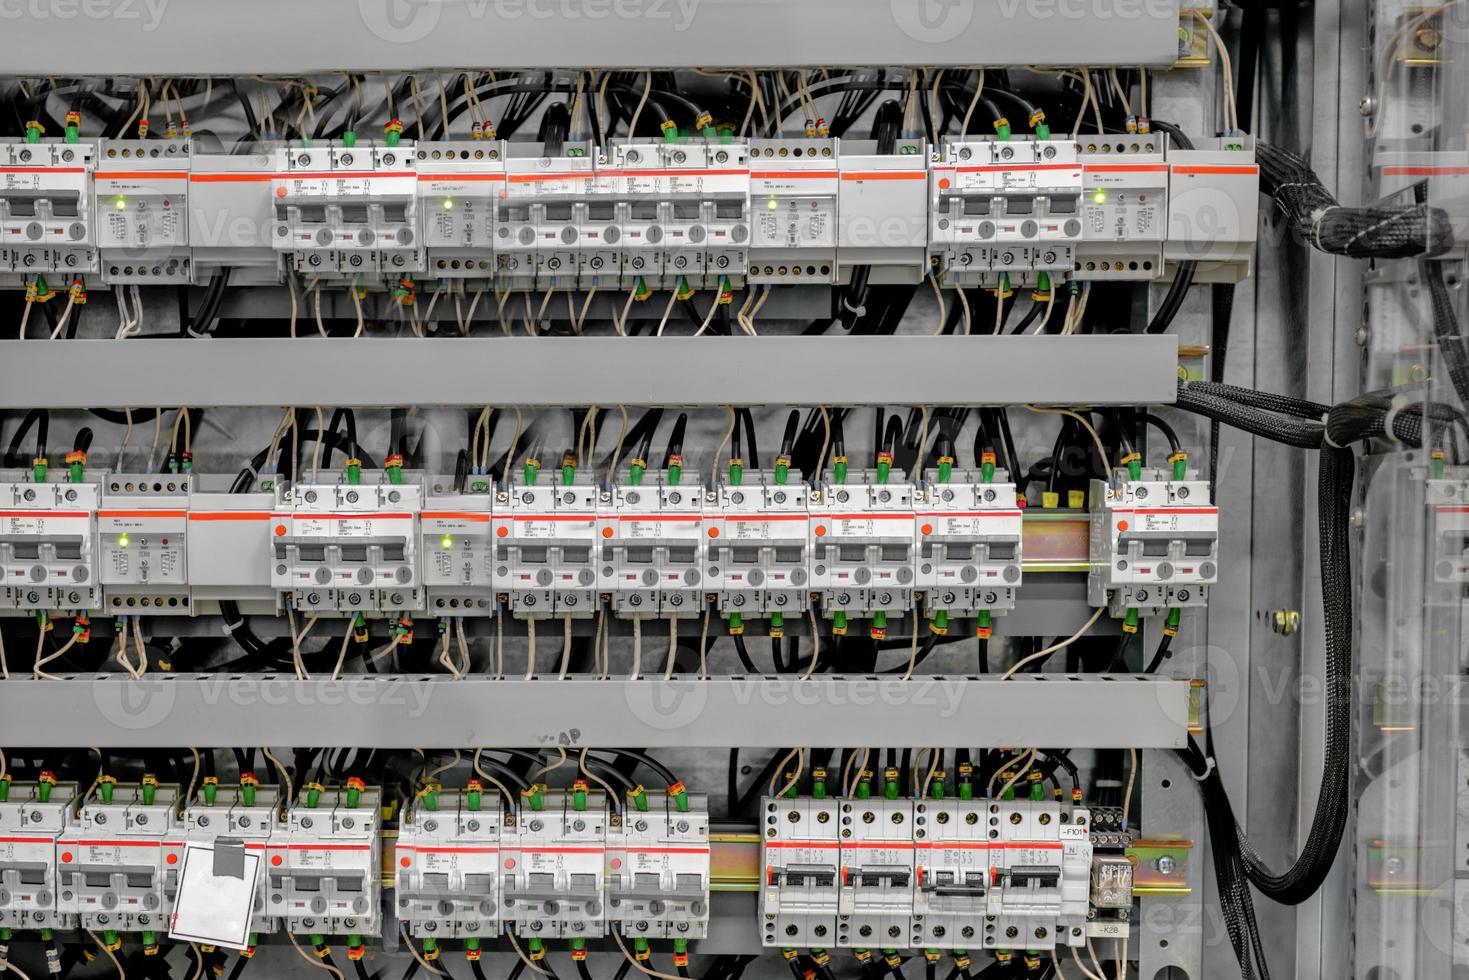 kontrollrum för ett kraftverk foto